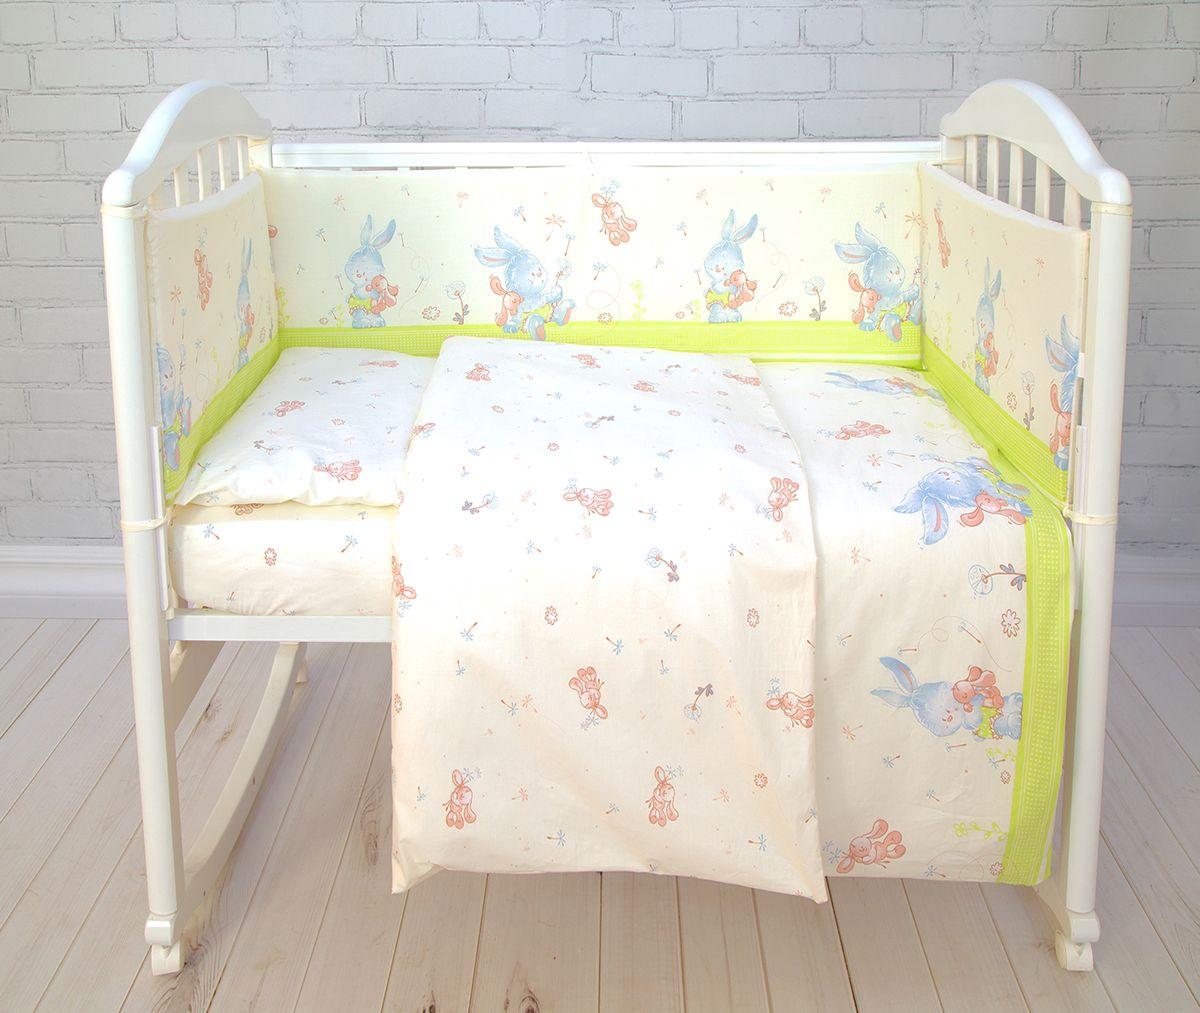 Baby Nice Комплект в кроватку Зайка 6 предметов цвет салатовый531-105Комплект в кроватку Baby Nice для самых маленьких должен быть изготовлен только из самой качественной ткани, самой безопасной и гигиеничной, самой экологичнойи гипоаллергенной. Отлично подходит для кроваток малышей, которые часто двигаются во сне. Хлопковое волокно прекрасно переносит стирку, быстро сохнет и не требует особого ухода, не линяет и не вытягивается. Ткань прошла специальную обработку по умягчению, что сделало её невероятно мягкой и приятной к телу. Состав комплекта: простынь 112х147, пододеяльник 112х147, наволочка 40х60, борт (120х35 - 2 шт, 60х35 - 2 шт) , одеяло с наполнителем файбер 110х140, подушка 40х60